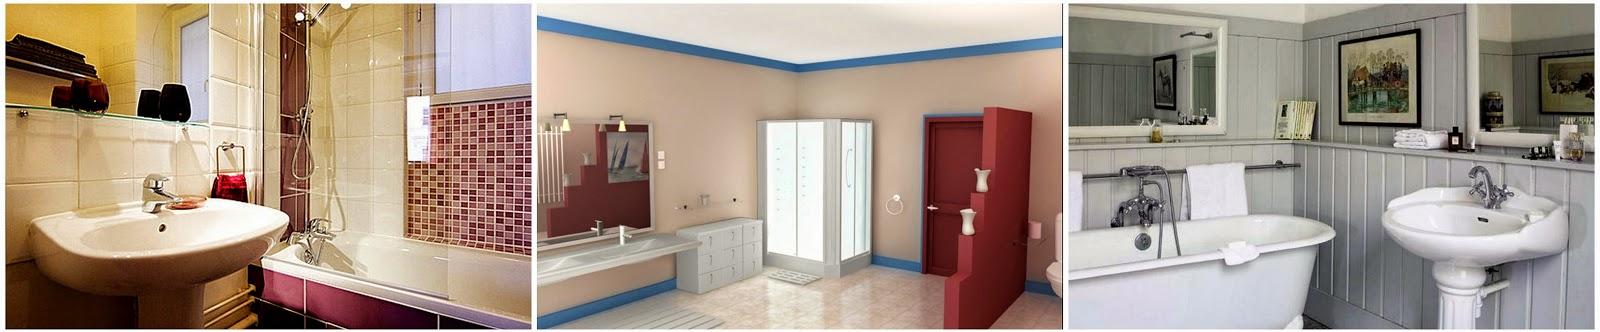 renovation travaux peintre en batiment salle de bain paris entreprise de peinture paris. Black Bedroom Furniture Sets. Home Design Ideas